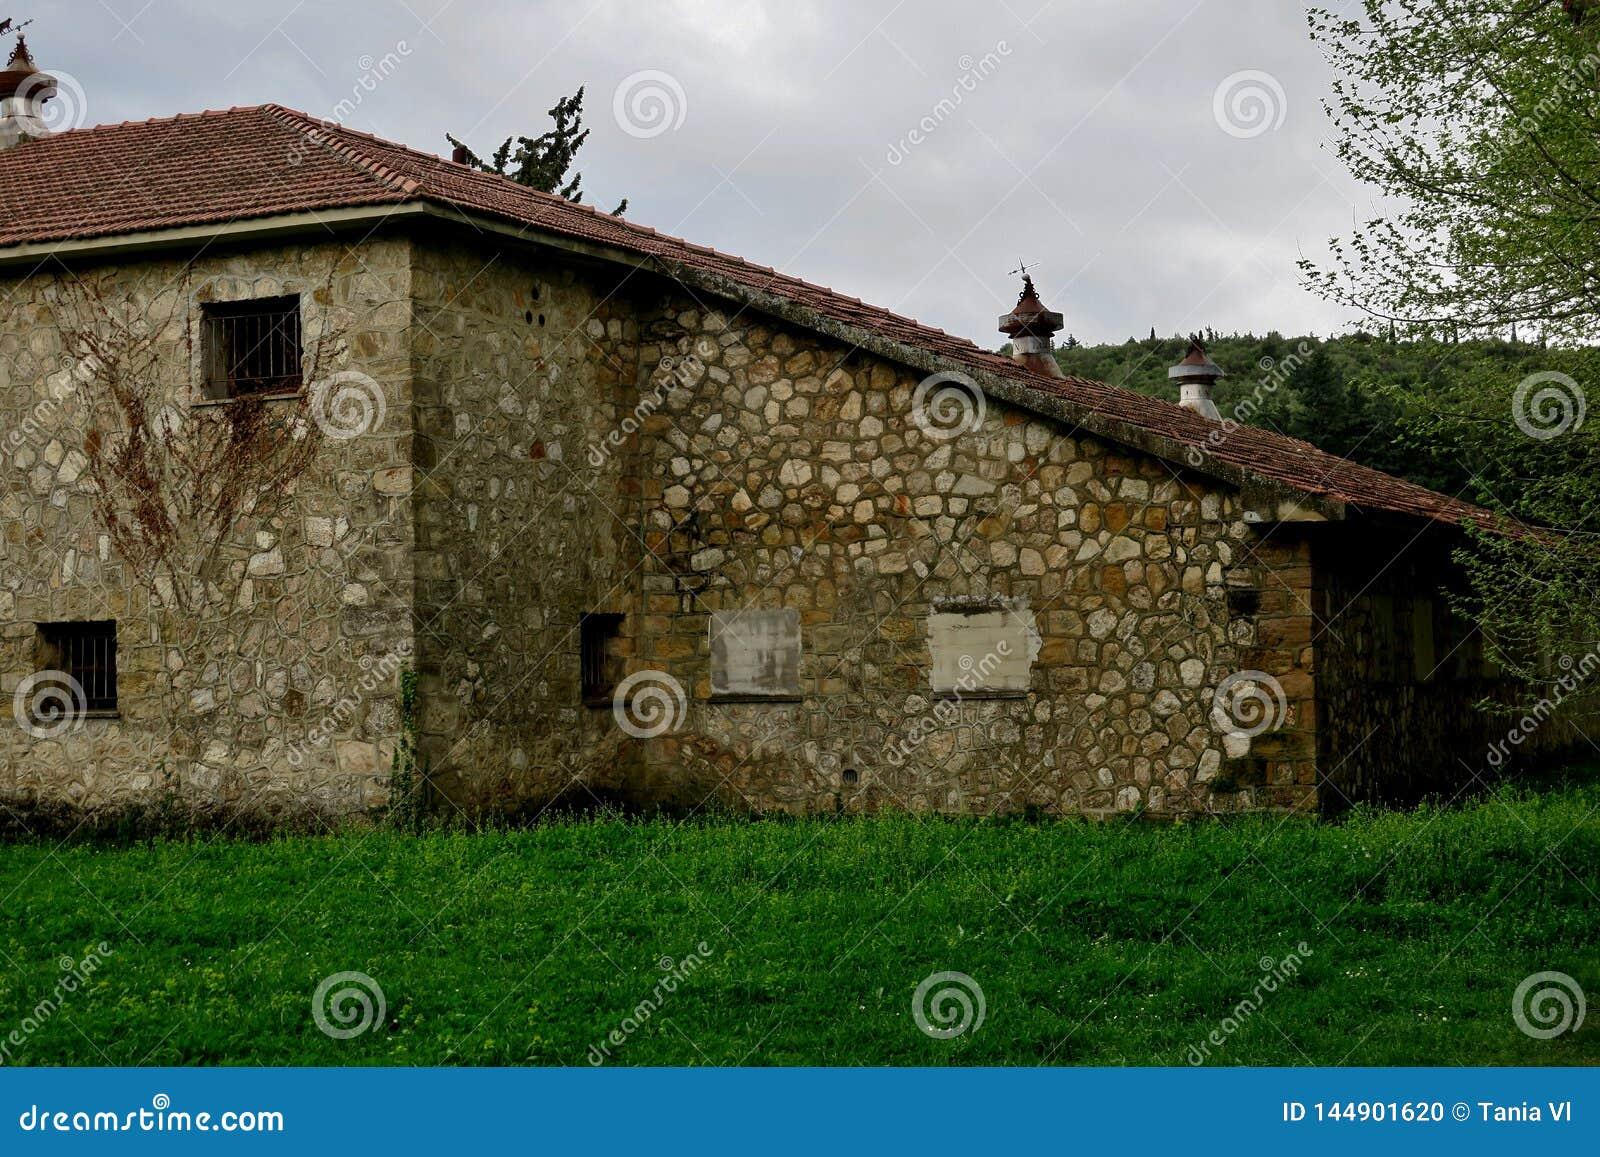 De oude verlaten bouw op een groen gazon in het midden van het bos